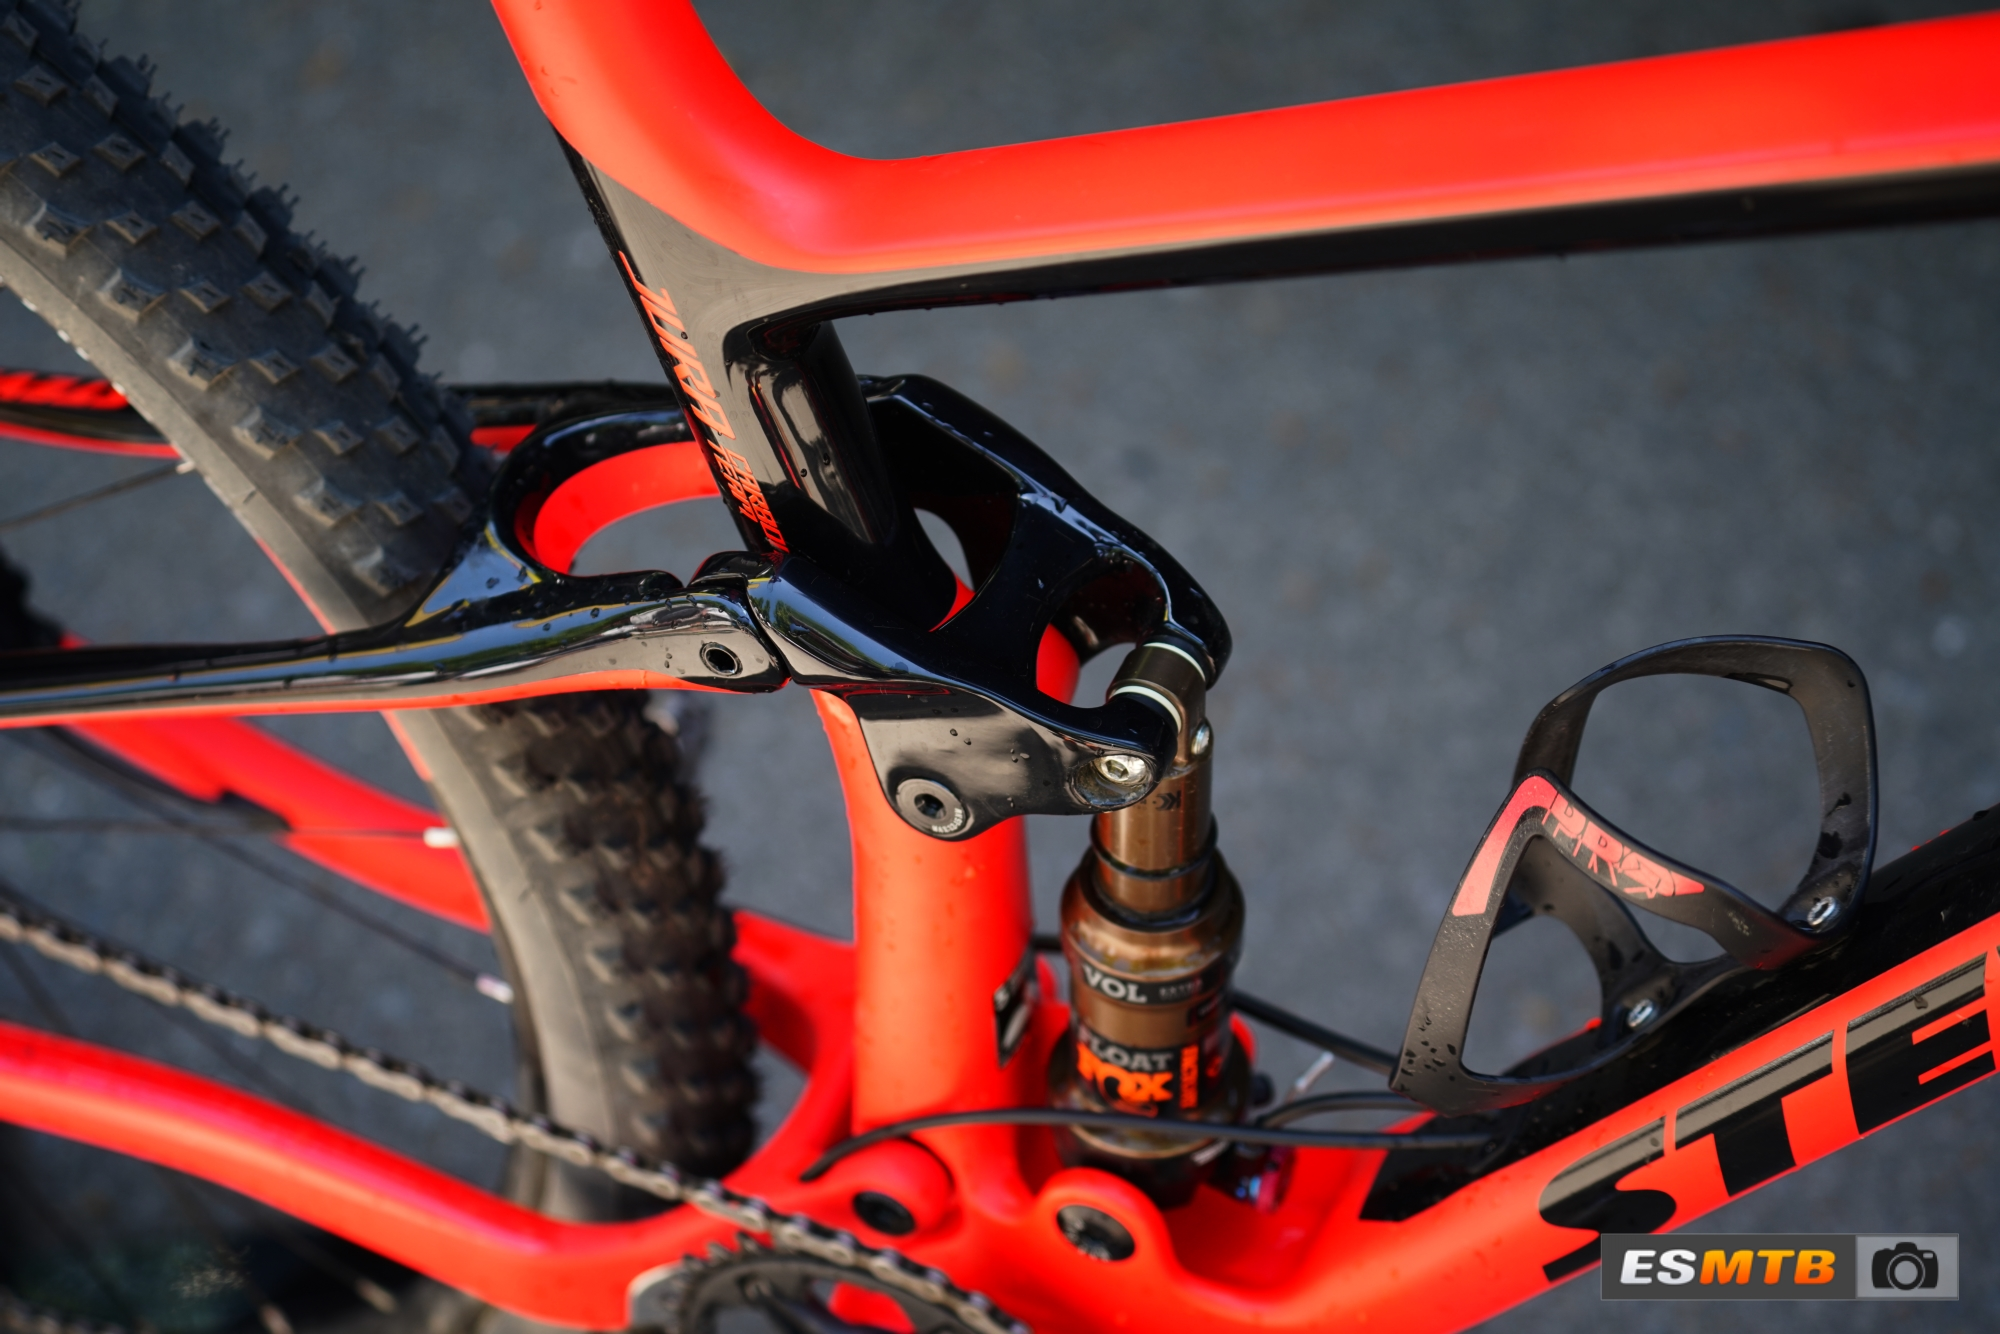 Doble XC Stevens Jura prototipo